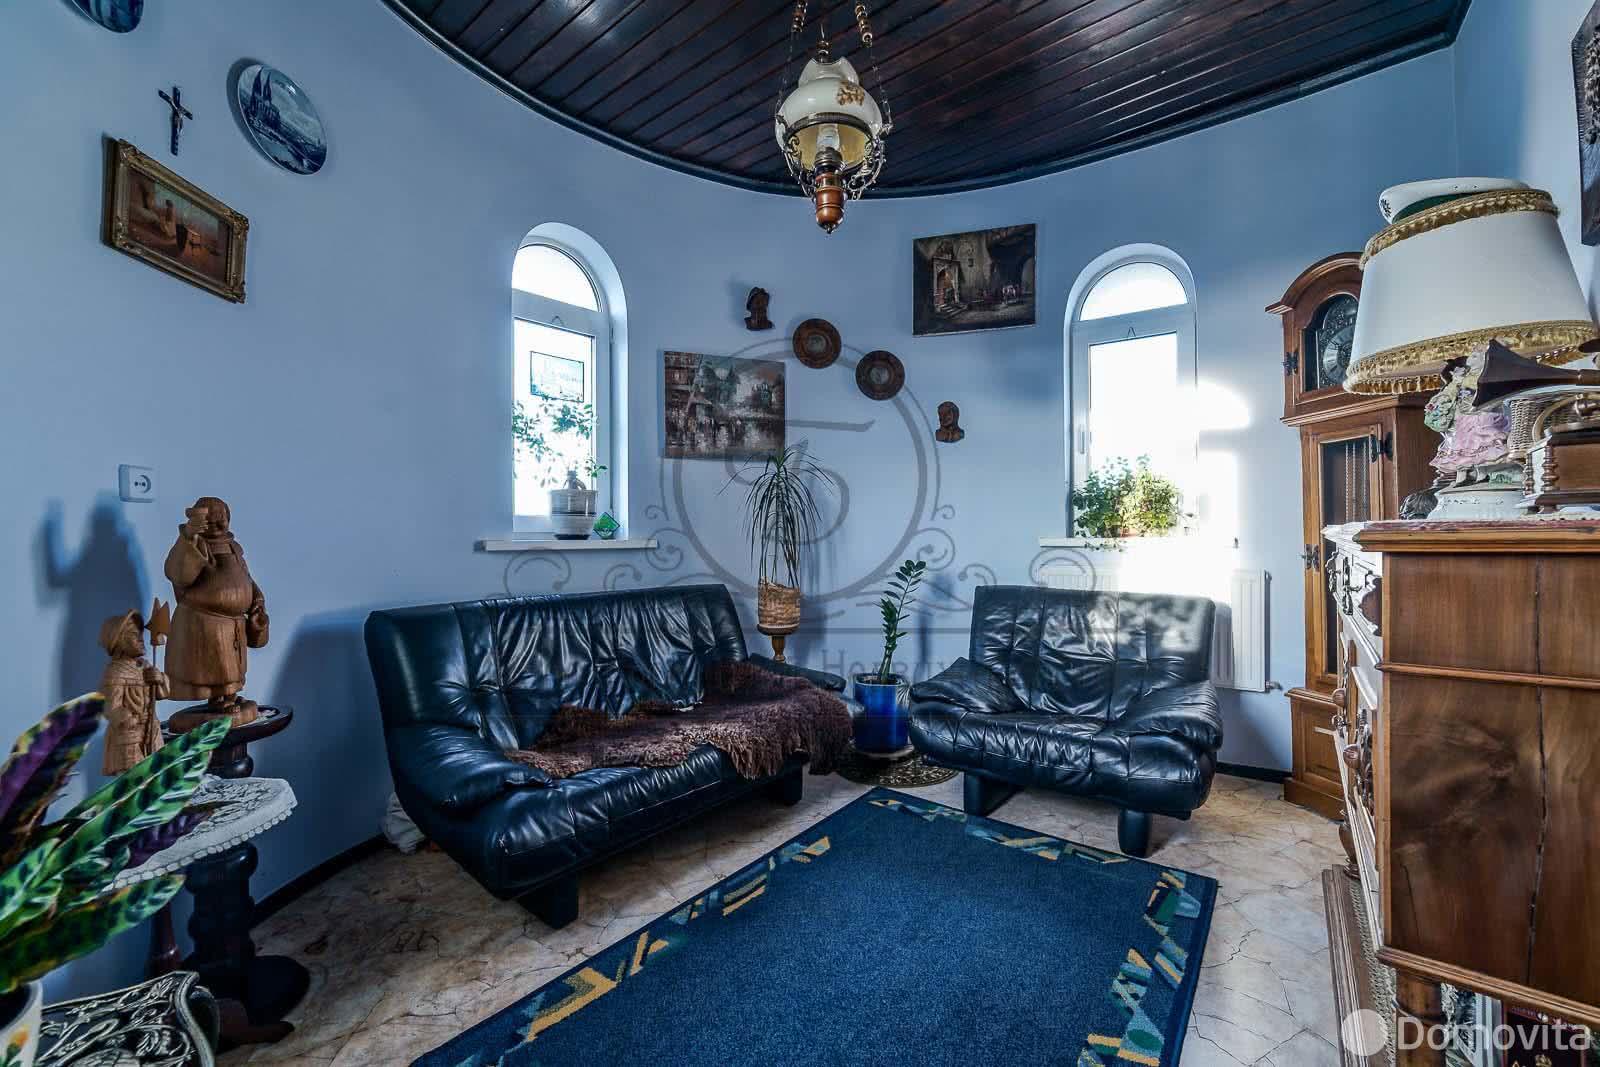 Аренда 2-этажного дома в Ратомке, Минский район, - фото 6